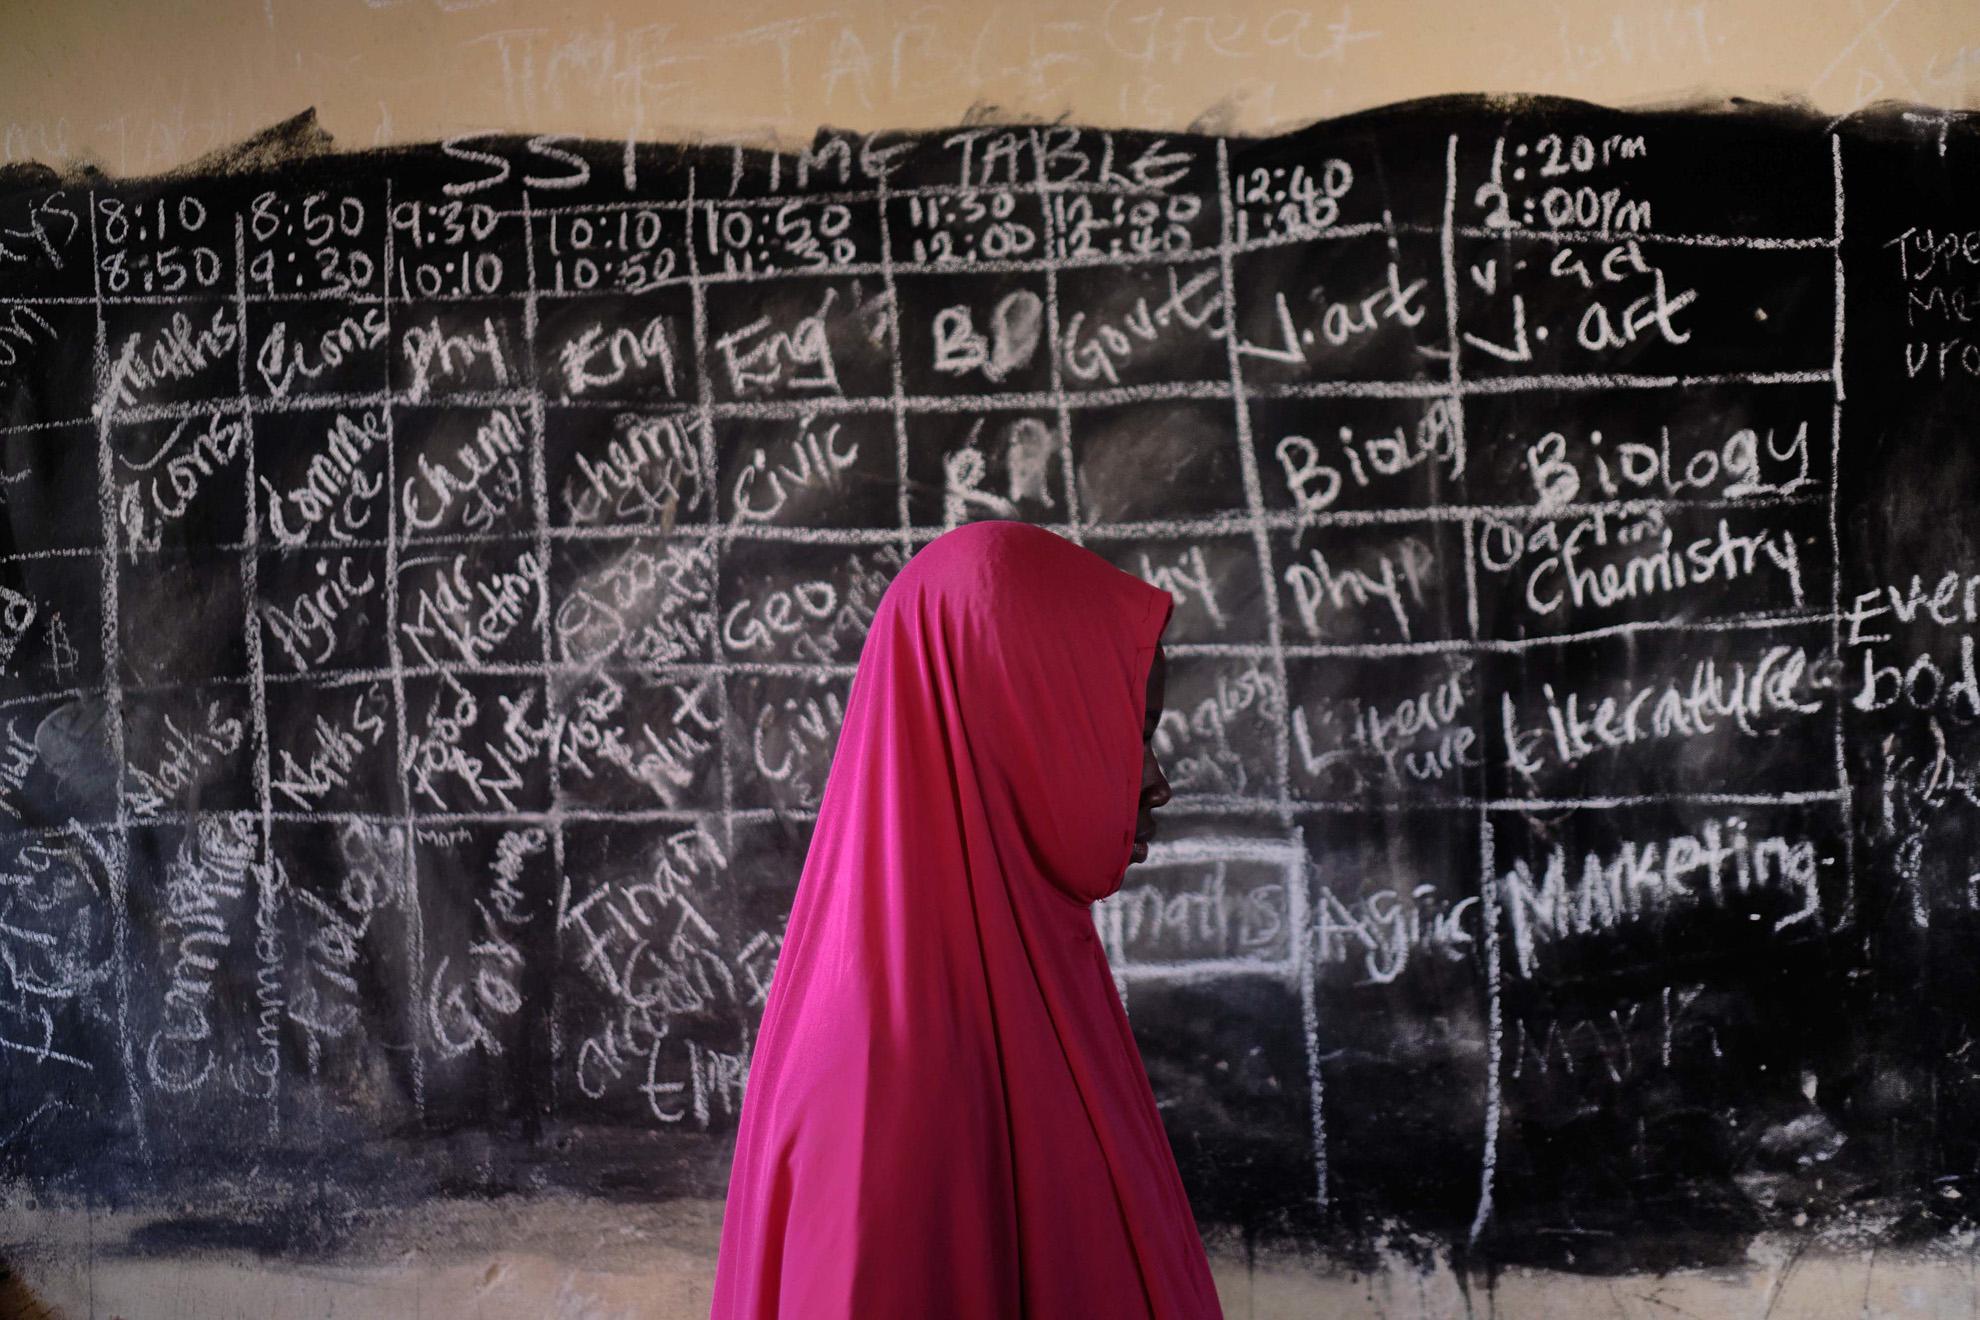 Balarabe (nombre ficticio) 17, se crio en el noreste de Nigeria, con el cerebro lavado por Boko Haram para que odiara la educación occidental. Después de recuperar la libertad, se matriculó en una escuela en la localidad de Faduma Koloram. Planea convertirse en enfermera como su hermana.